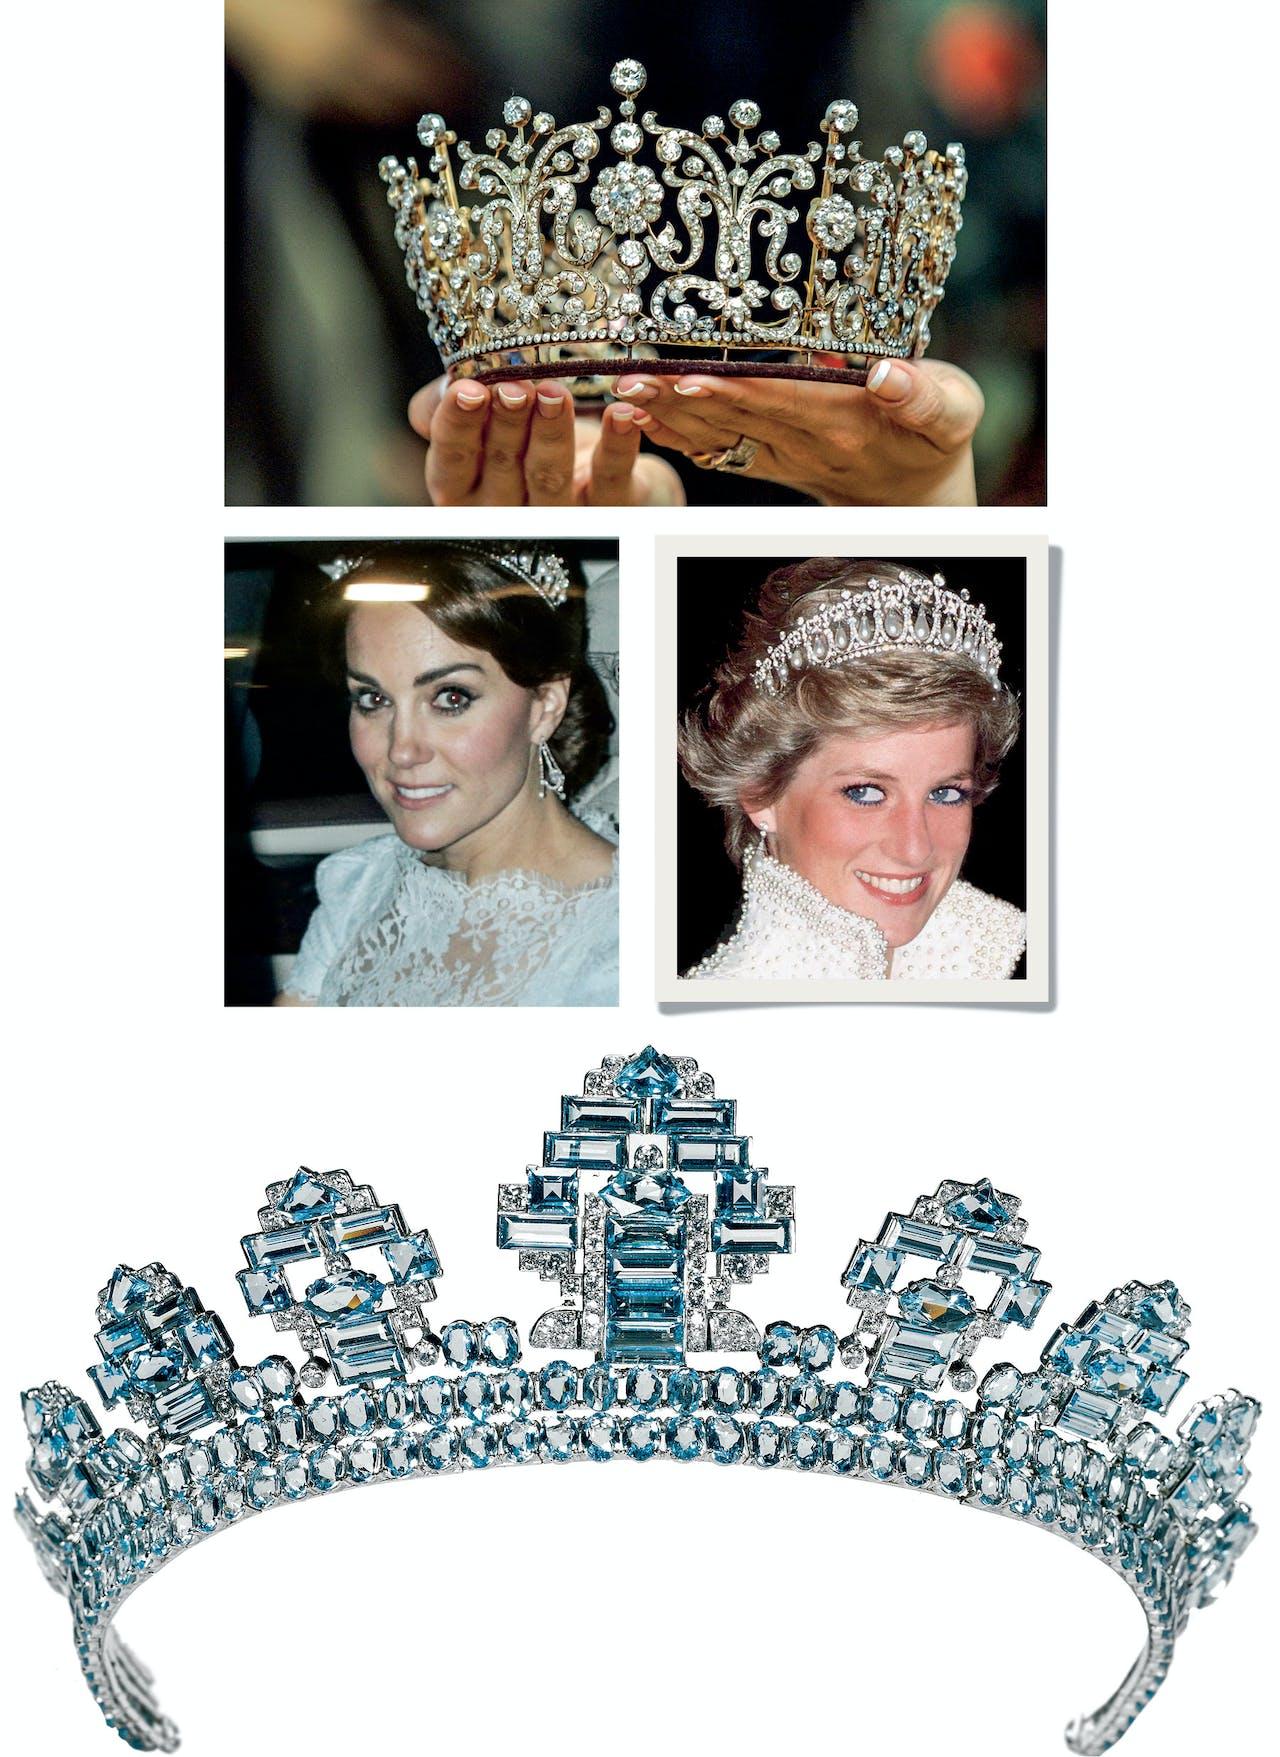 Helemaal boven: de Poltimore Tiara van Margaret, linksboven en rechts: Kate droeg de Lover's Knot Tiara afgelopen december. Onder: een tiara uit 1937, gemaakt in opdracht van King George VI.